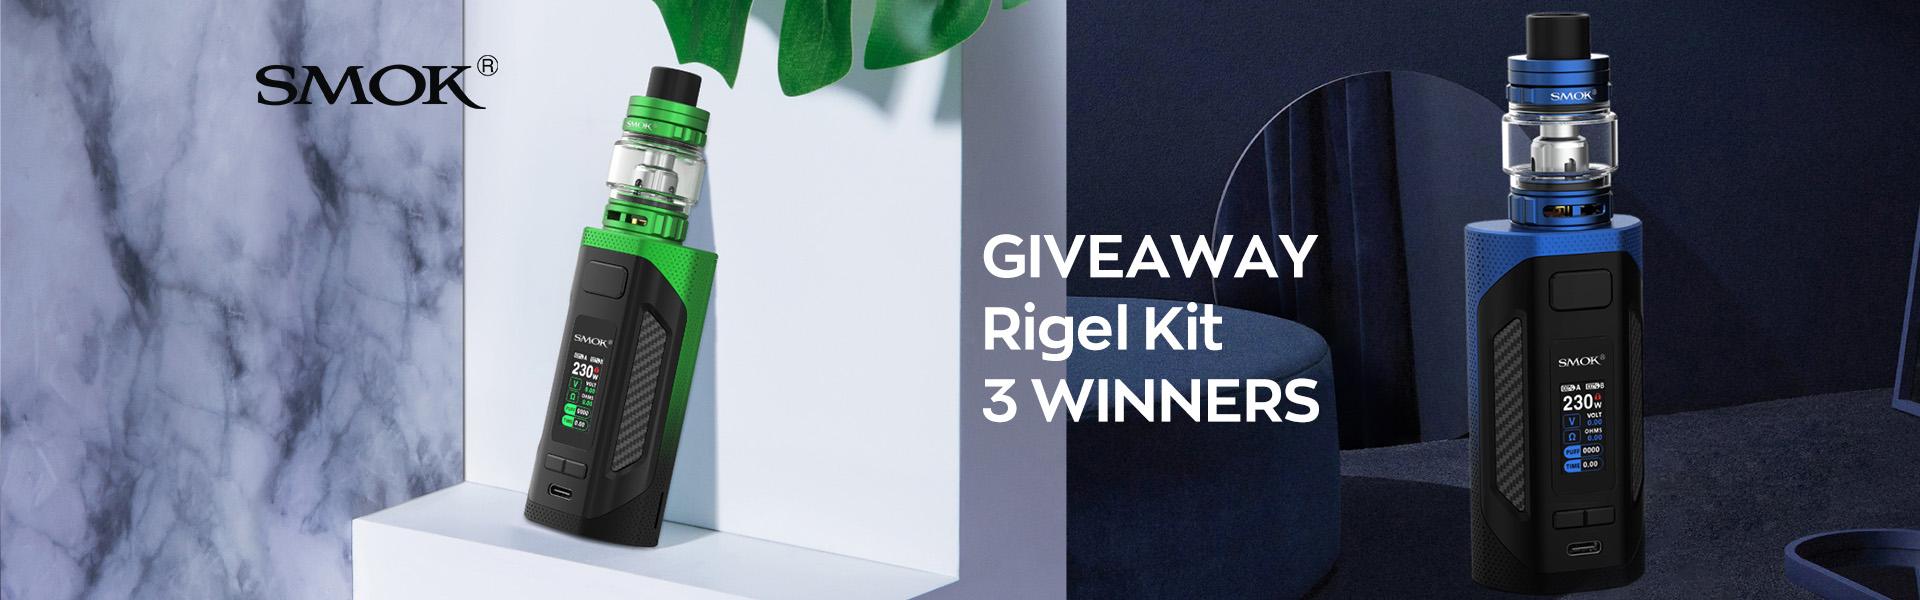 SMOK-Rigel-Kit